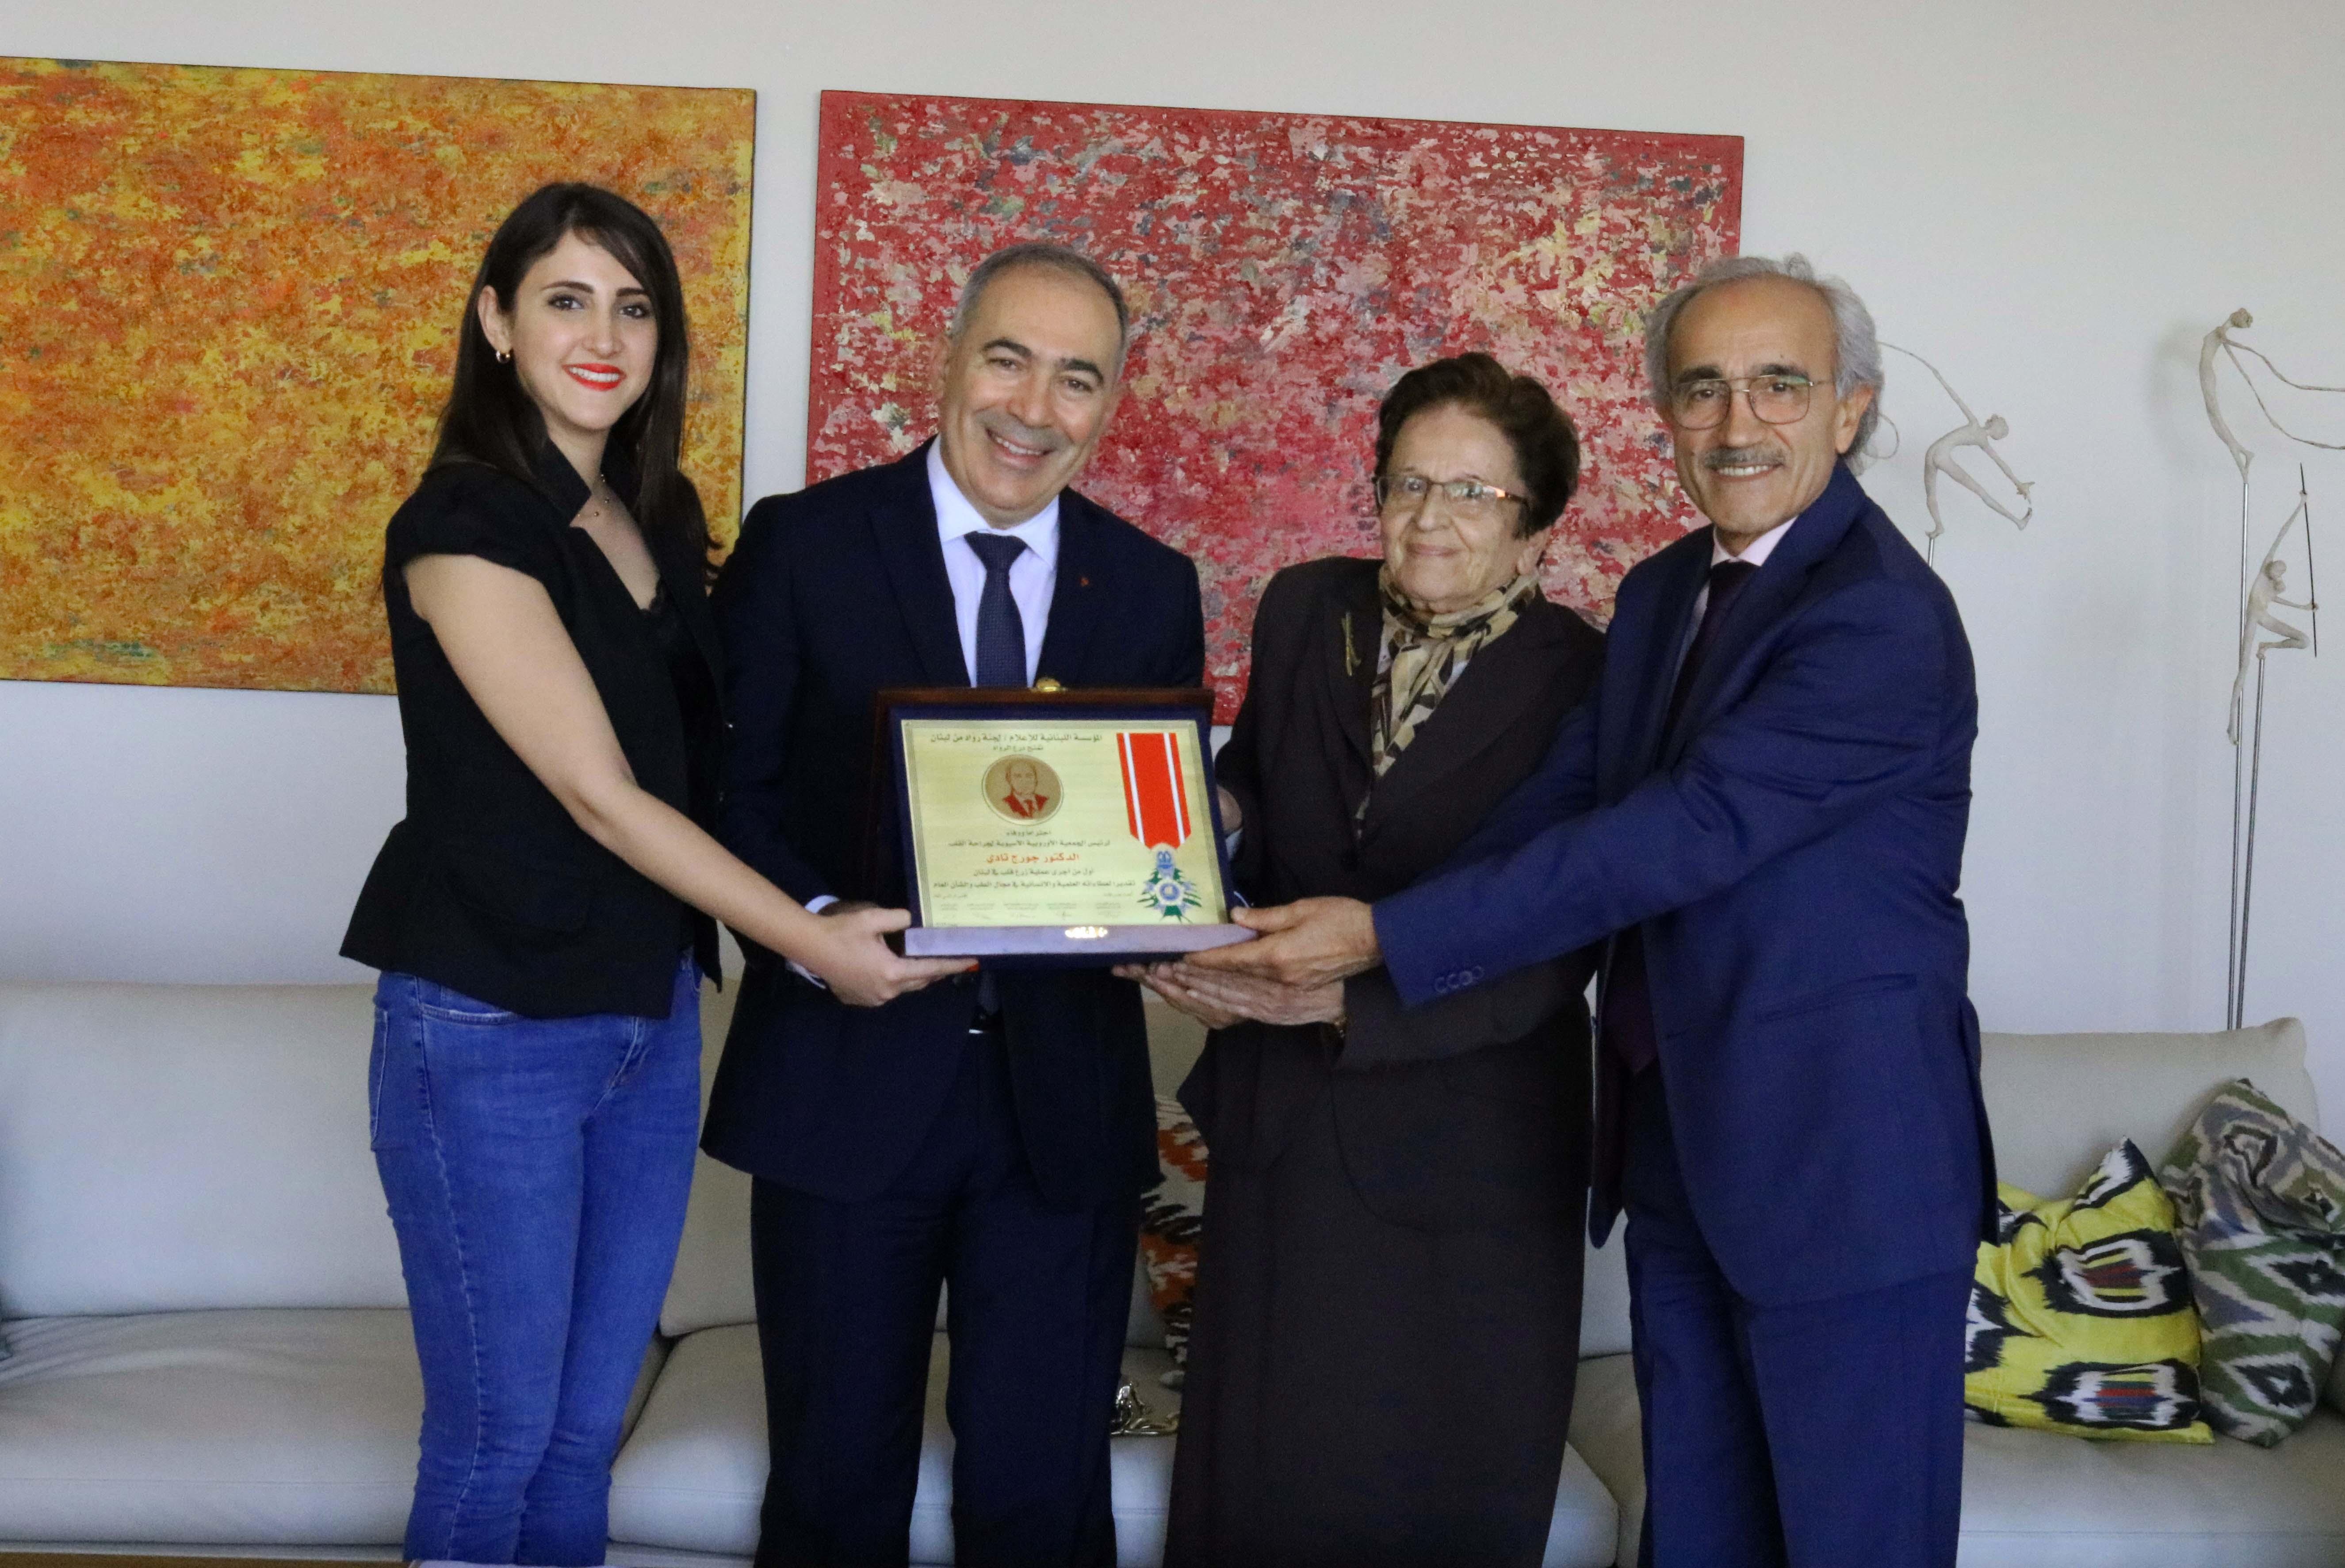 صورة تكريم د. جورج تادي لعطائه الانساني والعلمي في مجال القلب من لجنة رواد من بيروت